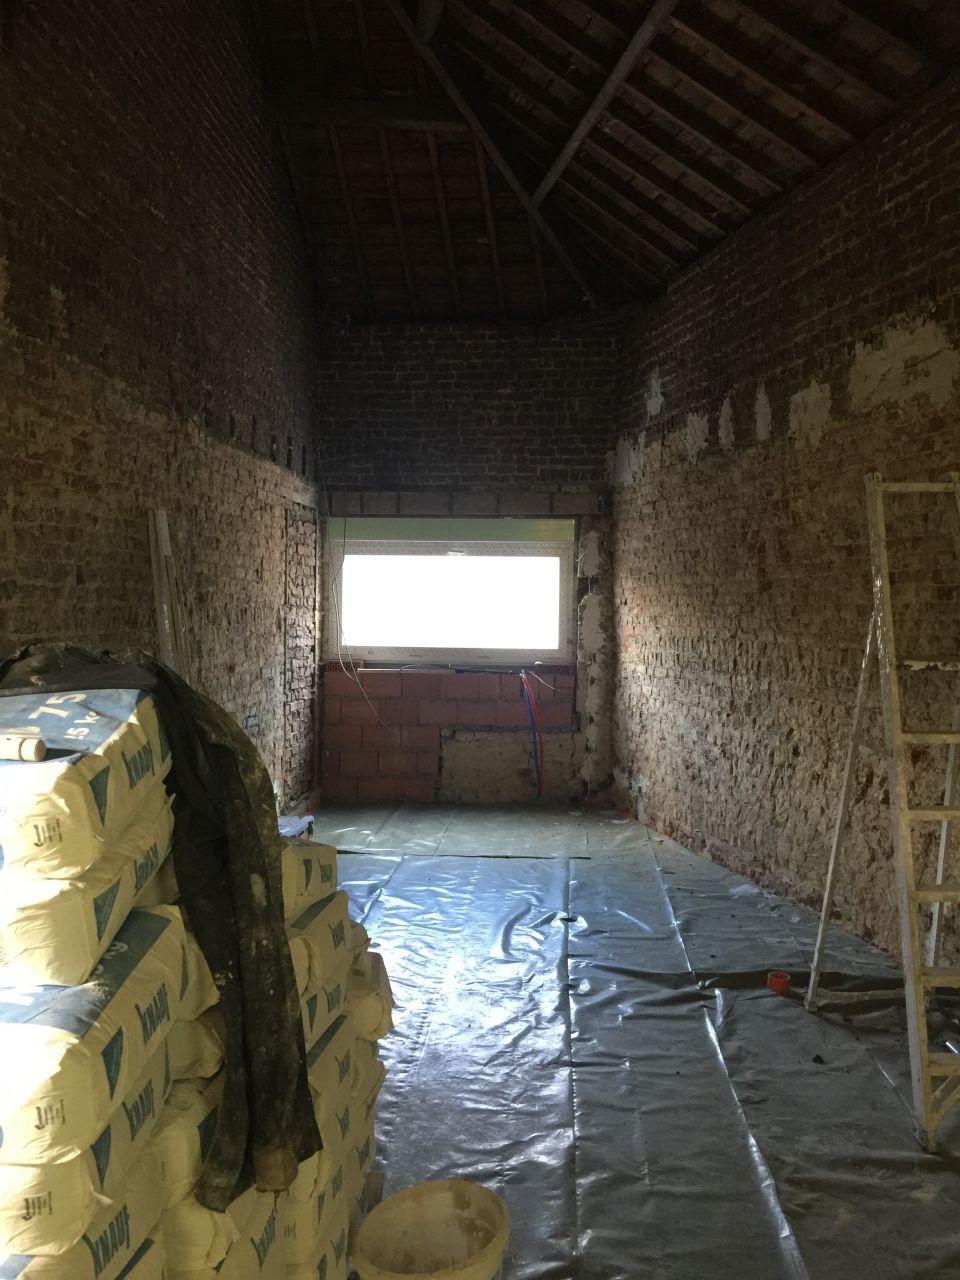 L'annexe est carrelée, on a recouvert le sol d'une bâche de protection pour pouvoir plafonner proprement. <br /> Je voulais garder les briques en l'état mais certaines parties sont abîmées et irrécupérables, on va donc plafonner.